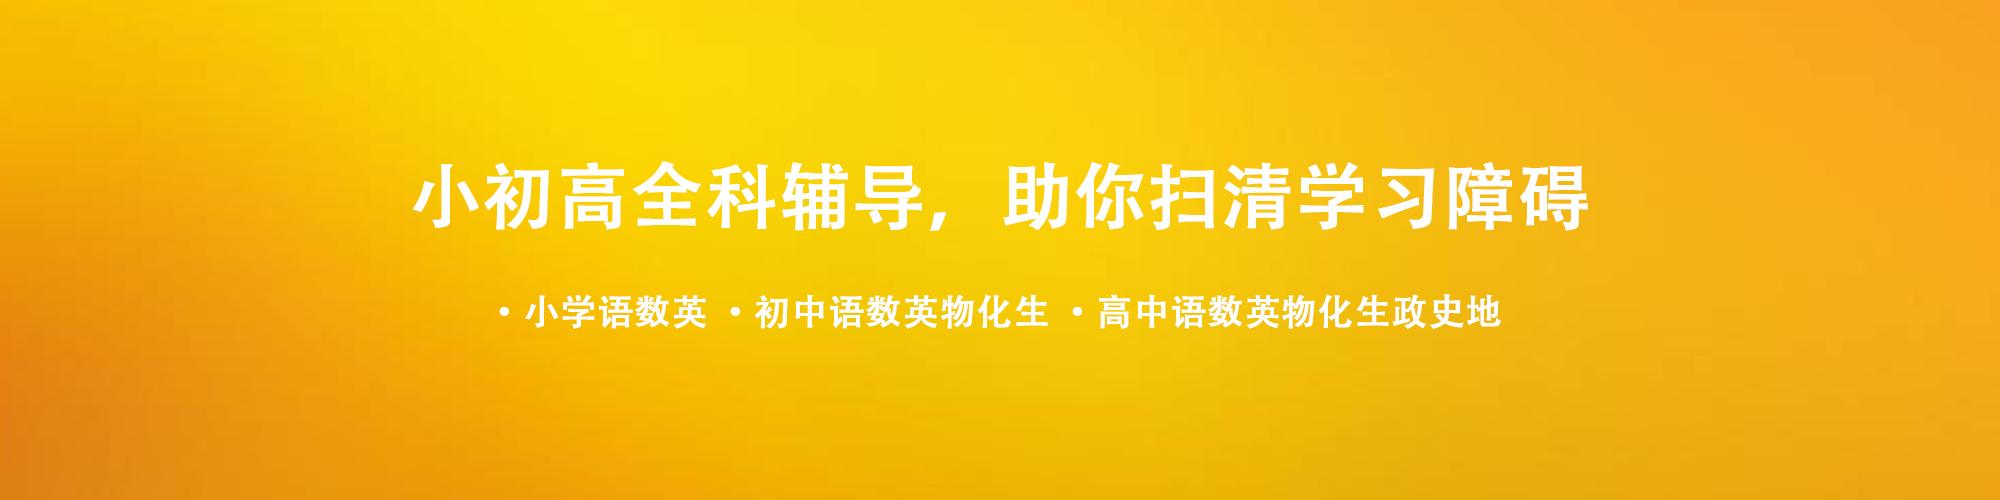 北京四六级英语培训学费_大学语言培训-北京拓程教育咨询有限公司